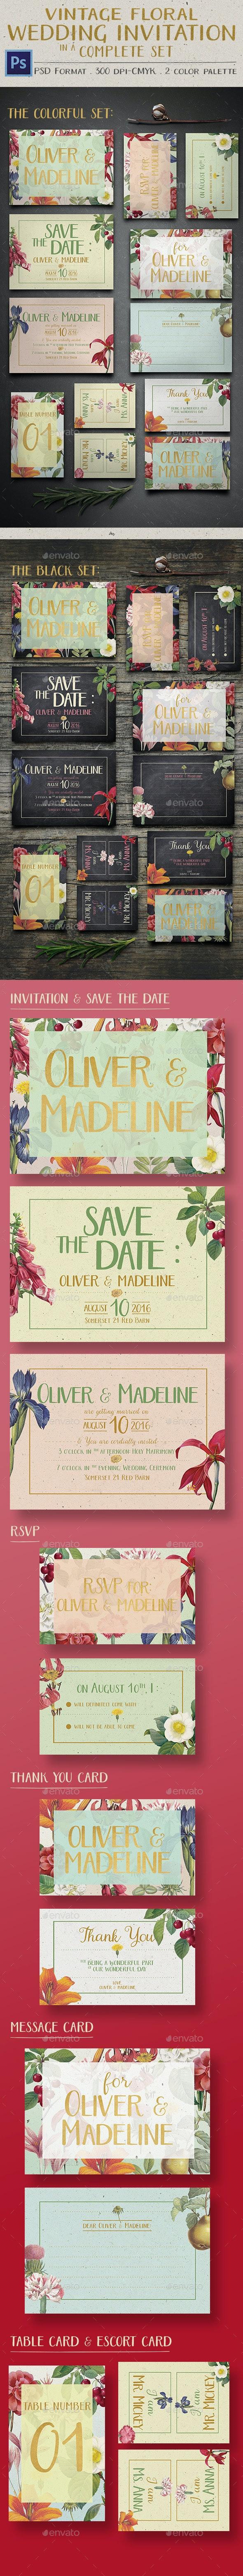 Vintage Floral Wedding Invitation - Invitations Cards & Invites